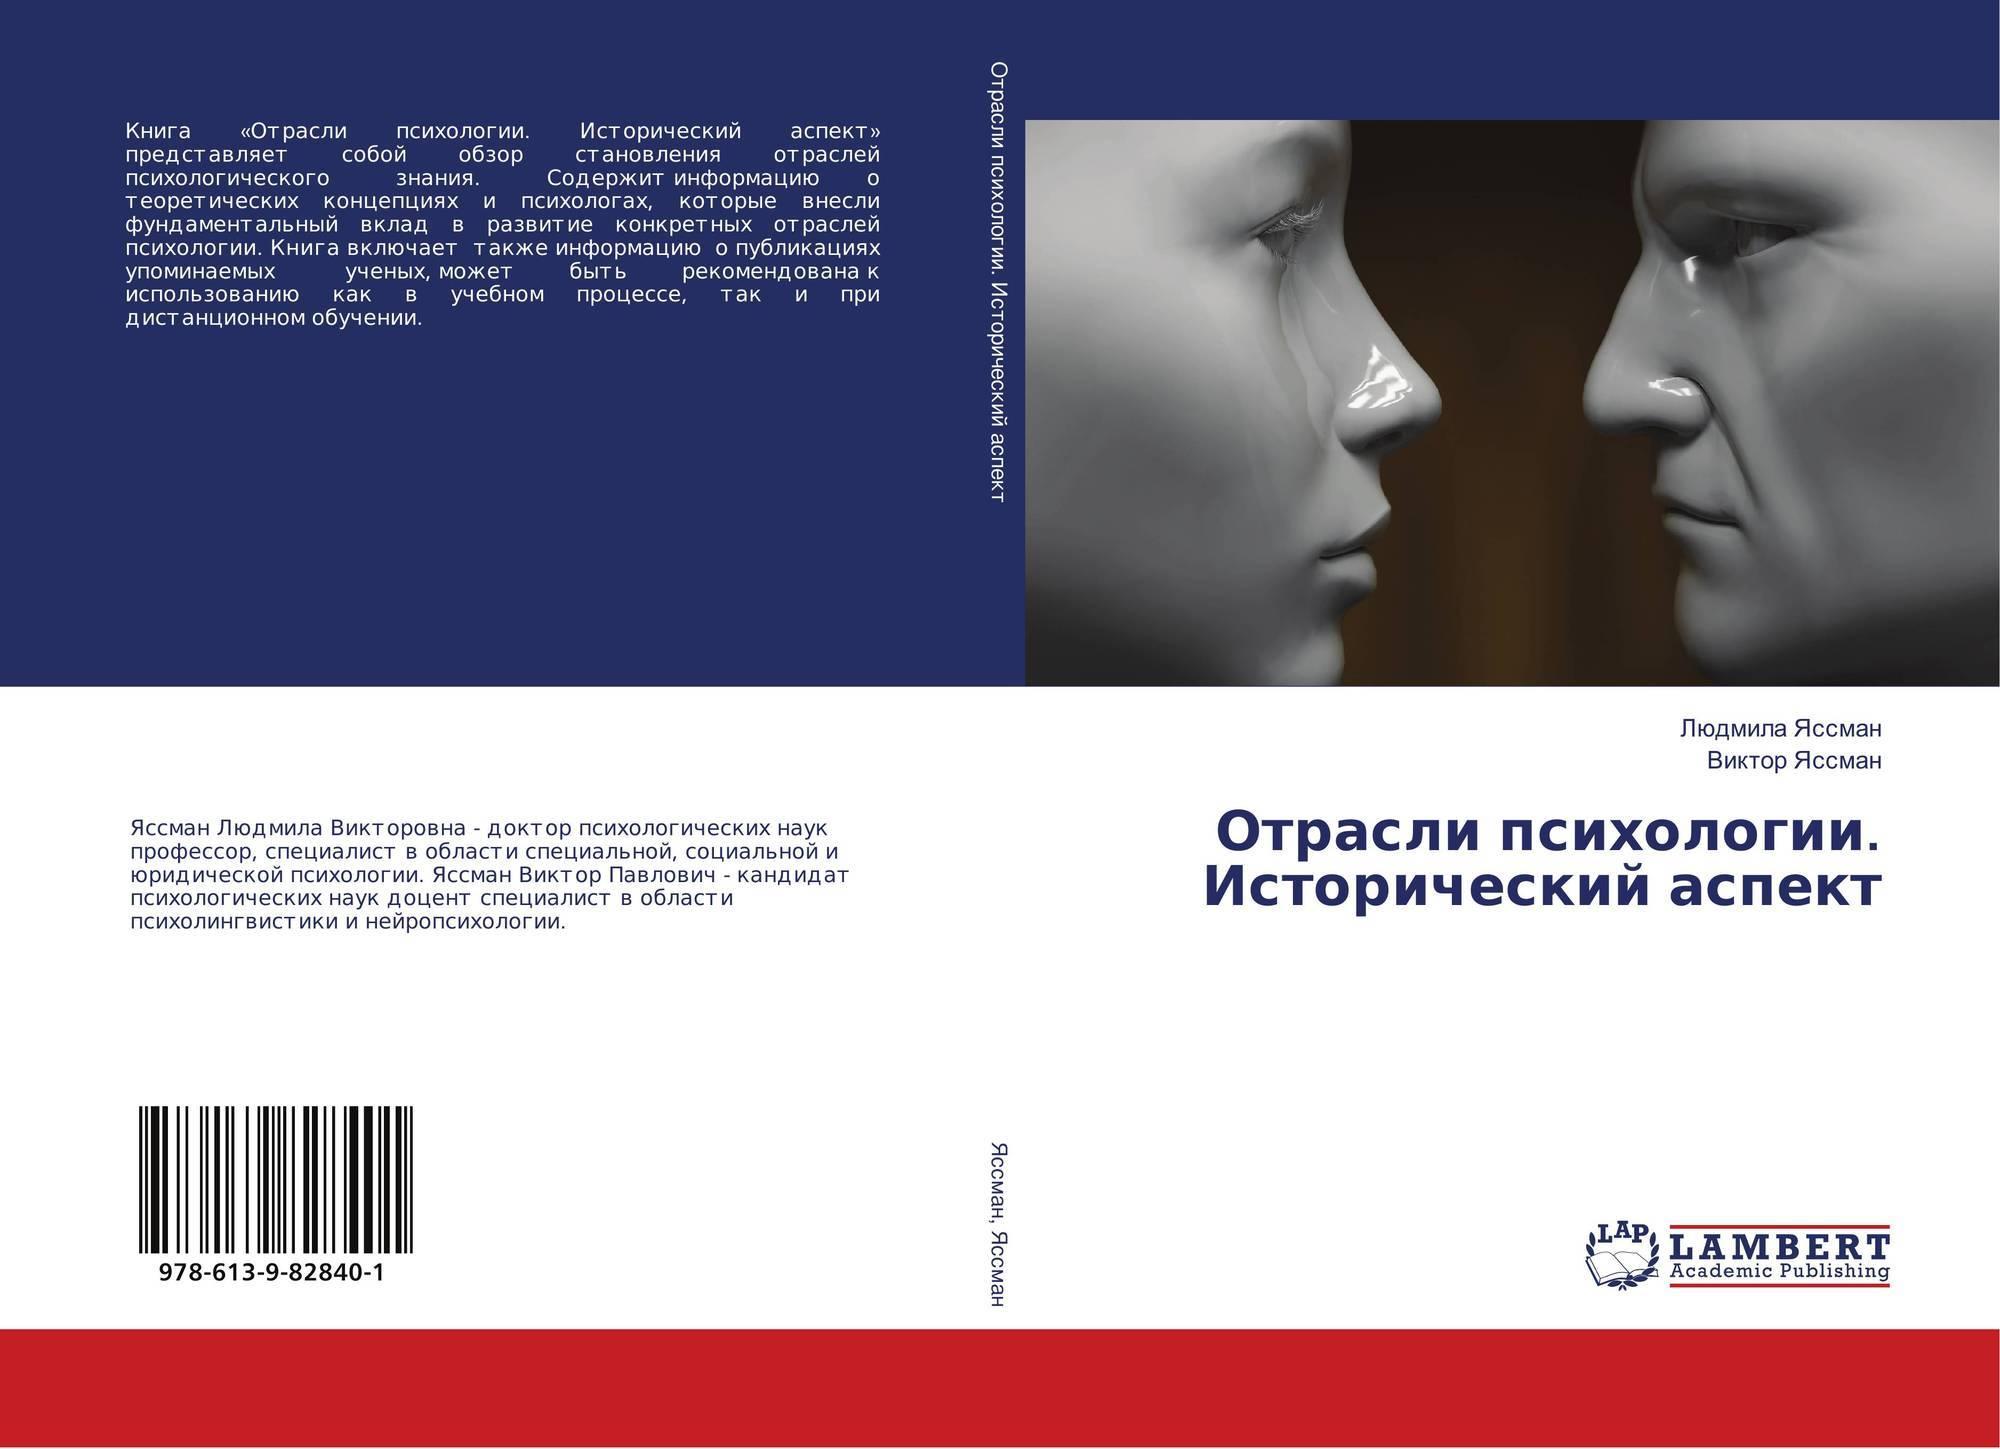 Отрасли психологии как научной дисциплины | статьи по психологии